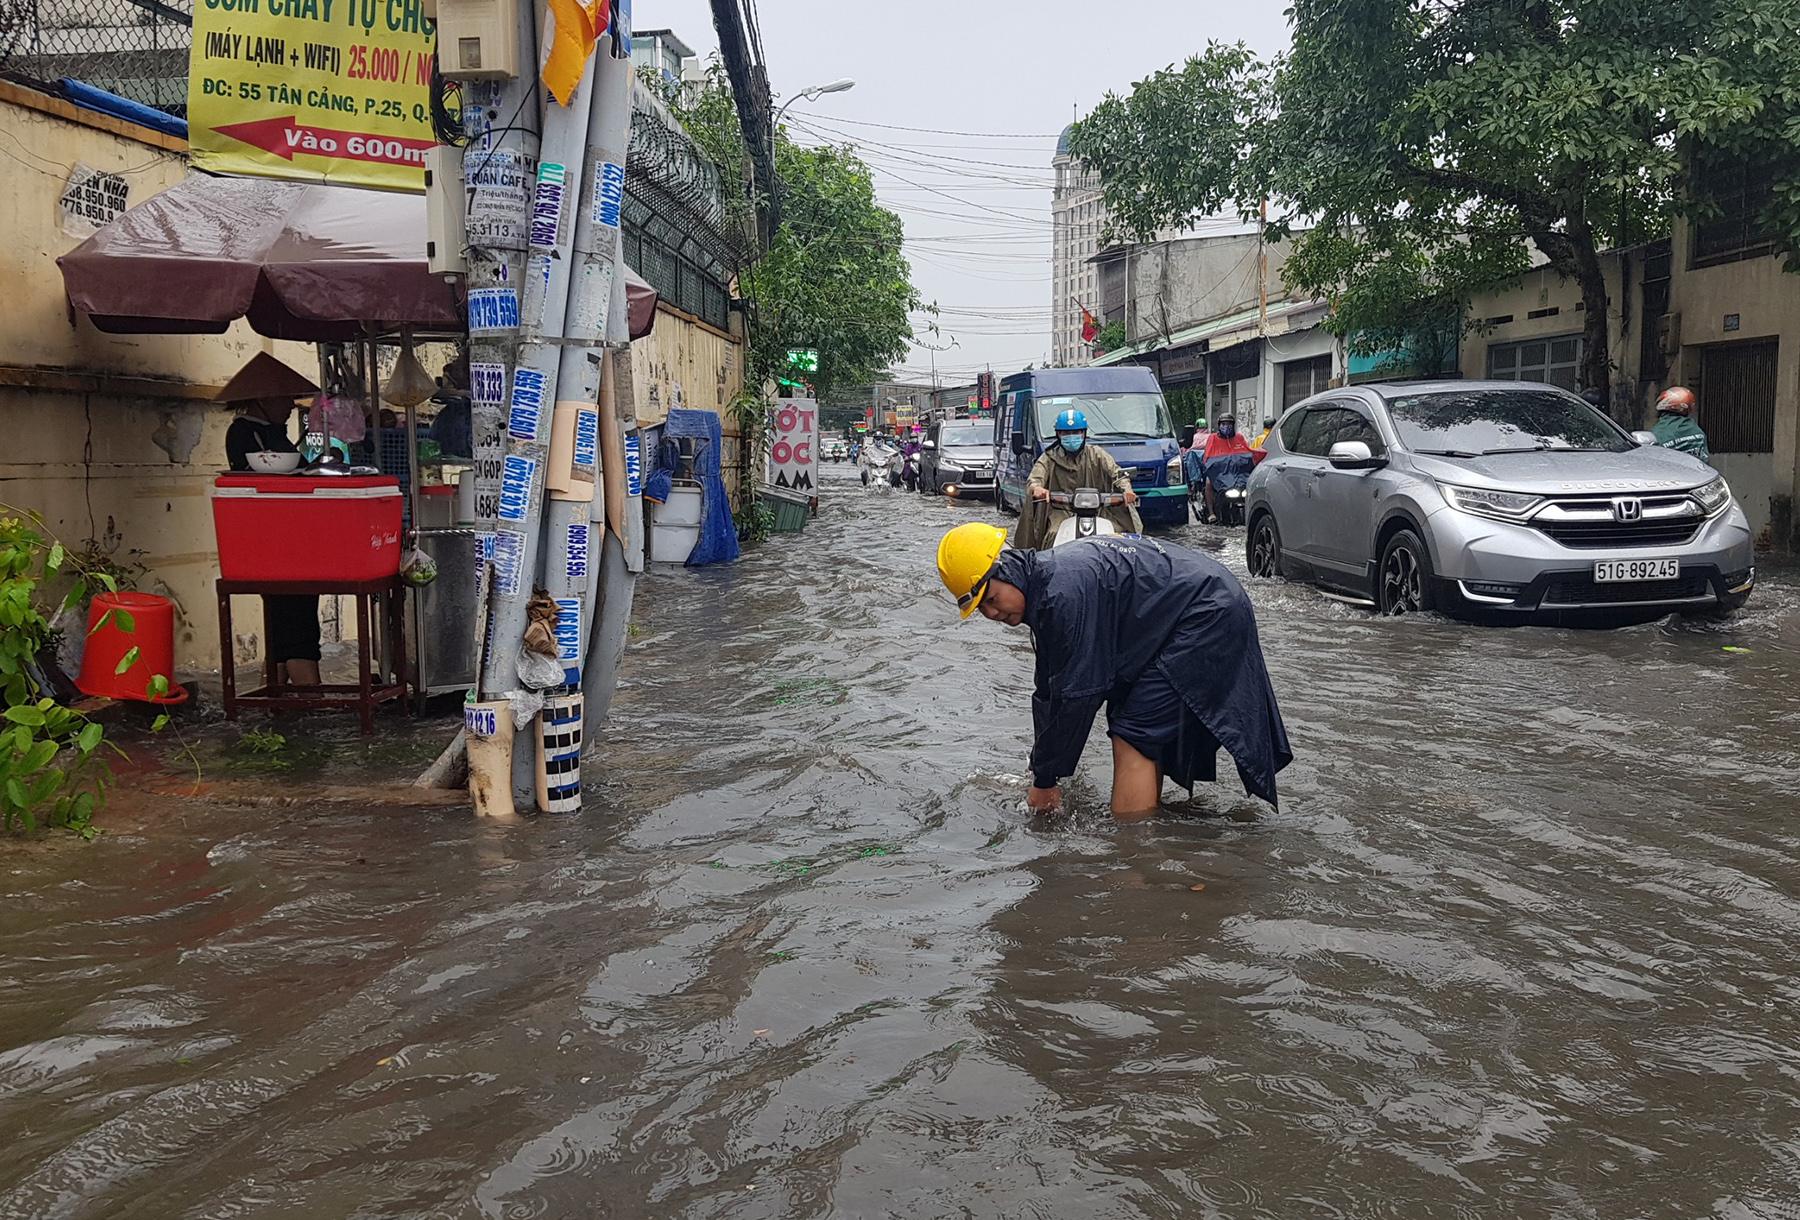 Mưa từ sáng đến trưa, đường Sài Gòn ngập khủng khiếp, nước ngập gần lút bánh xe - 7